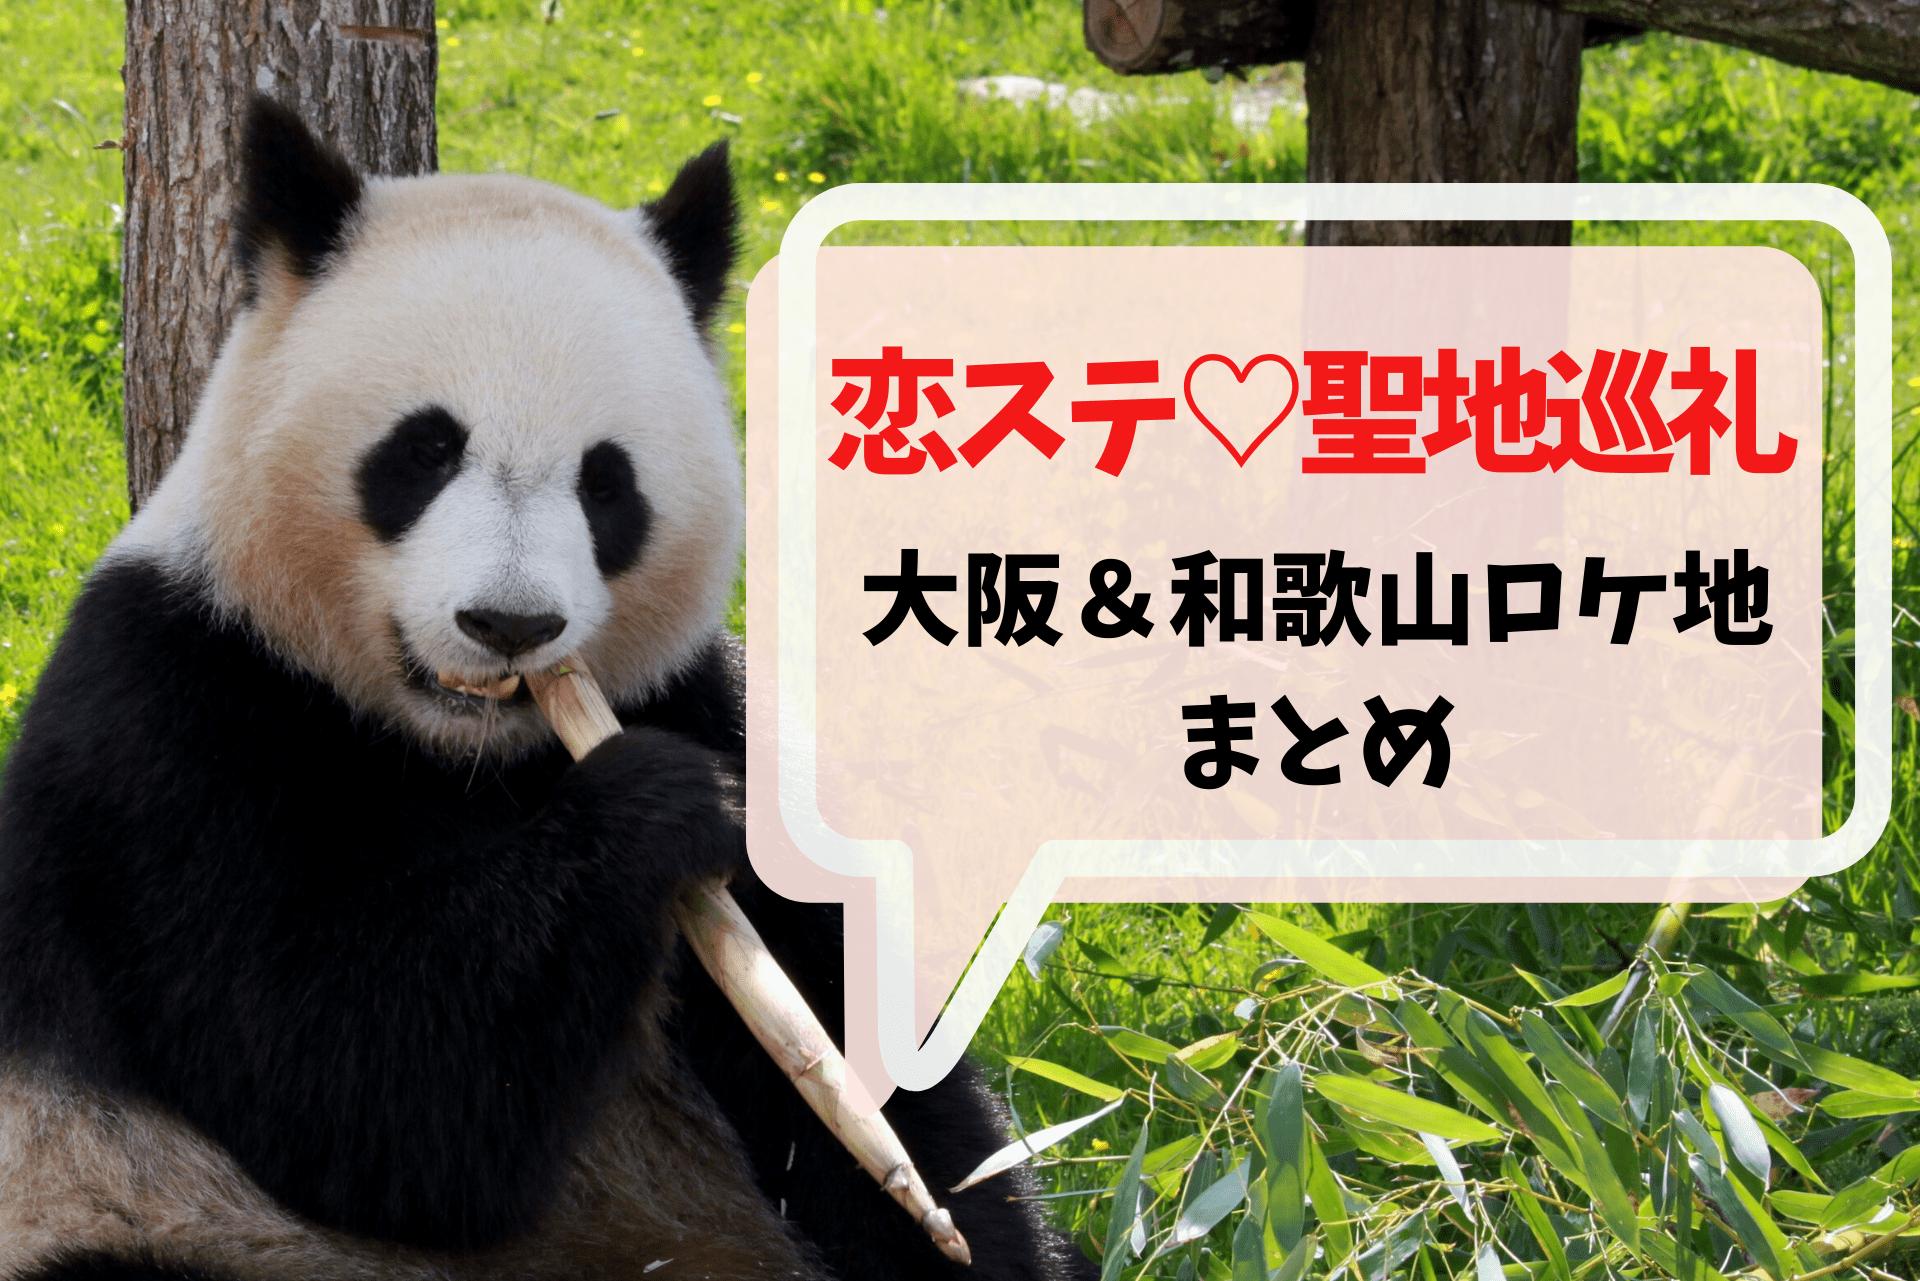 大阪&和歌山恋ステロケ地